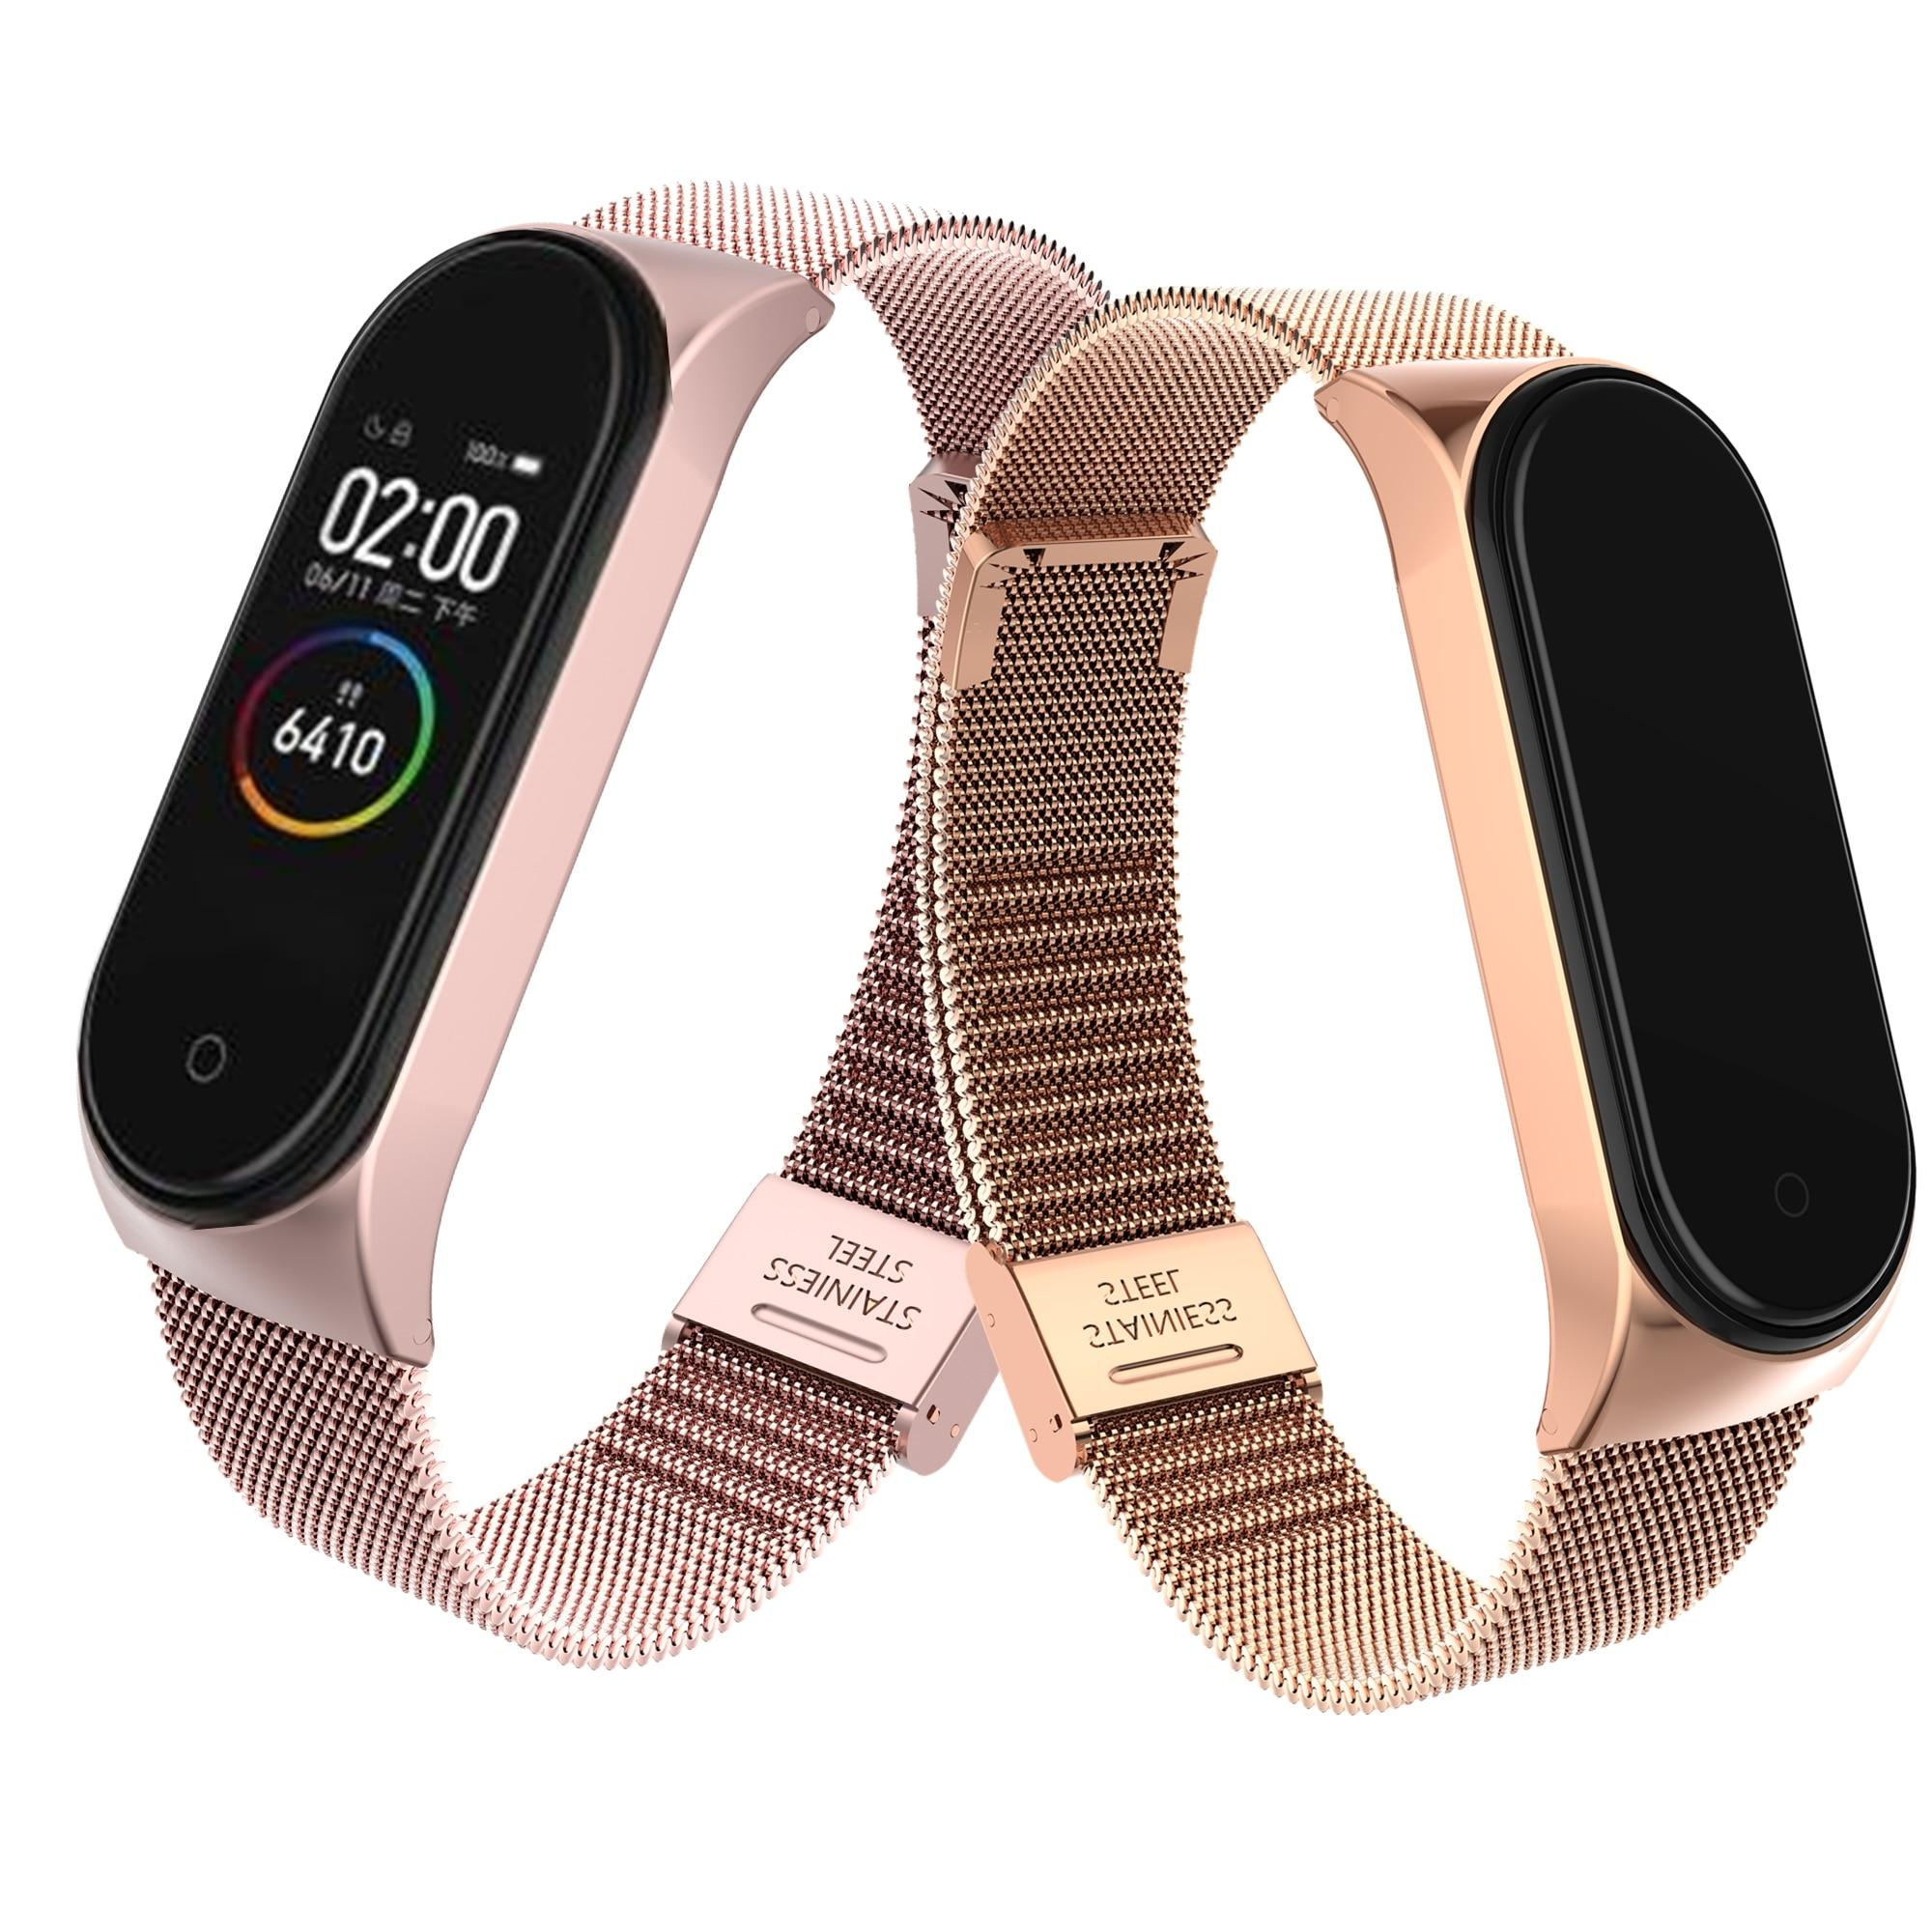 Mi Band 4 Bracelet poignet métal sans vis en acier inoxydable mi band 4 bracelets Pulseira mi band4 pour Xiao mi Band 4